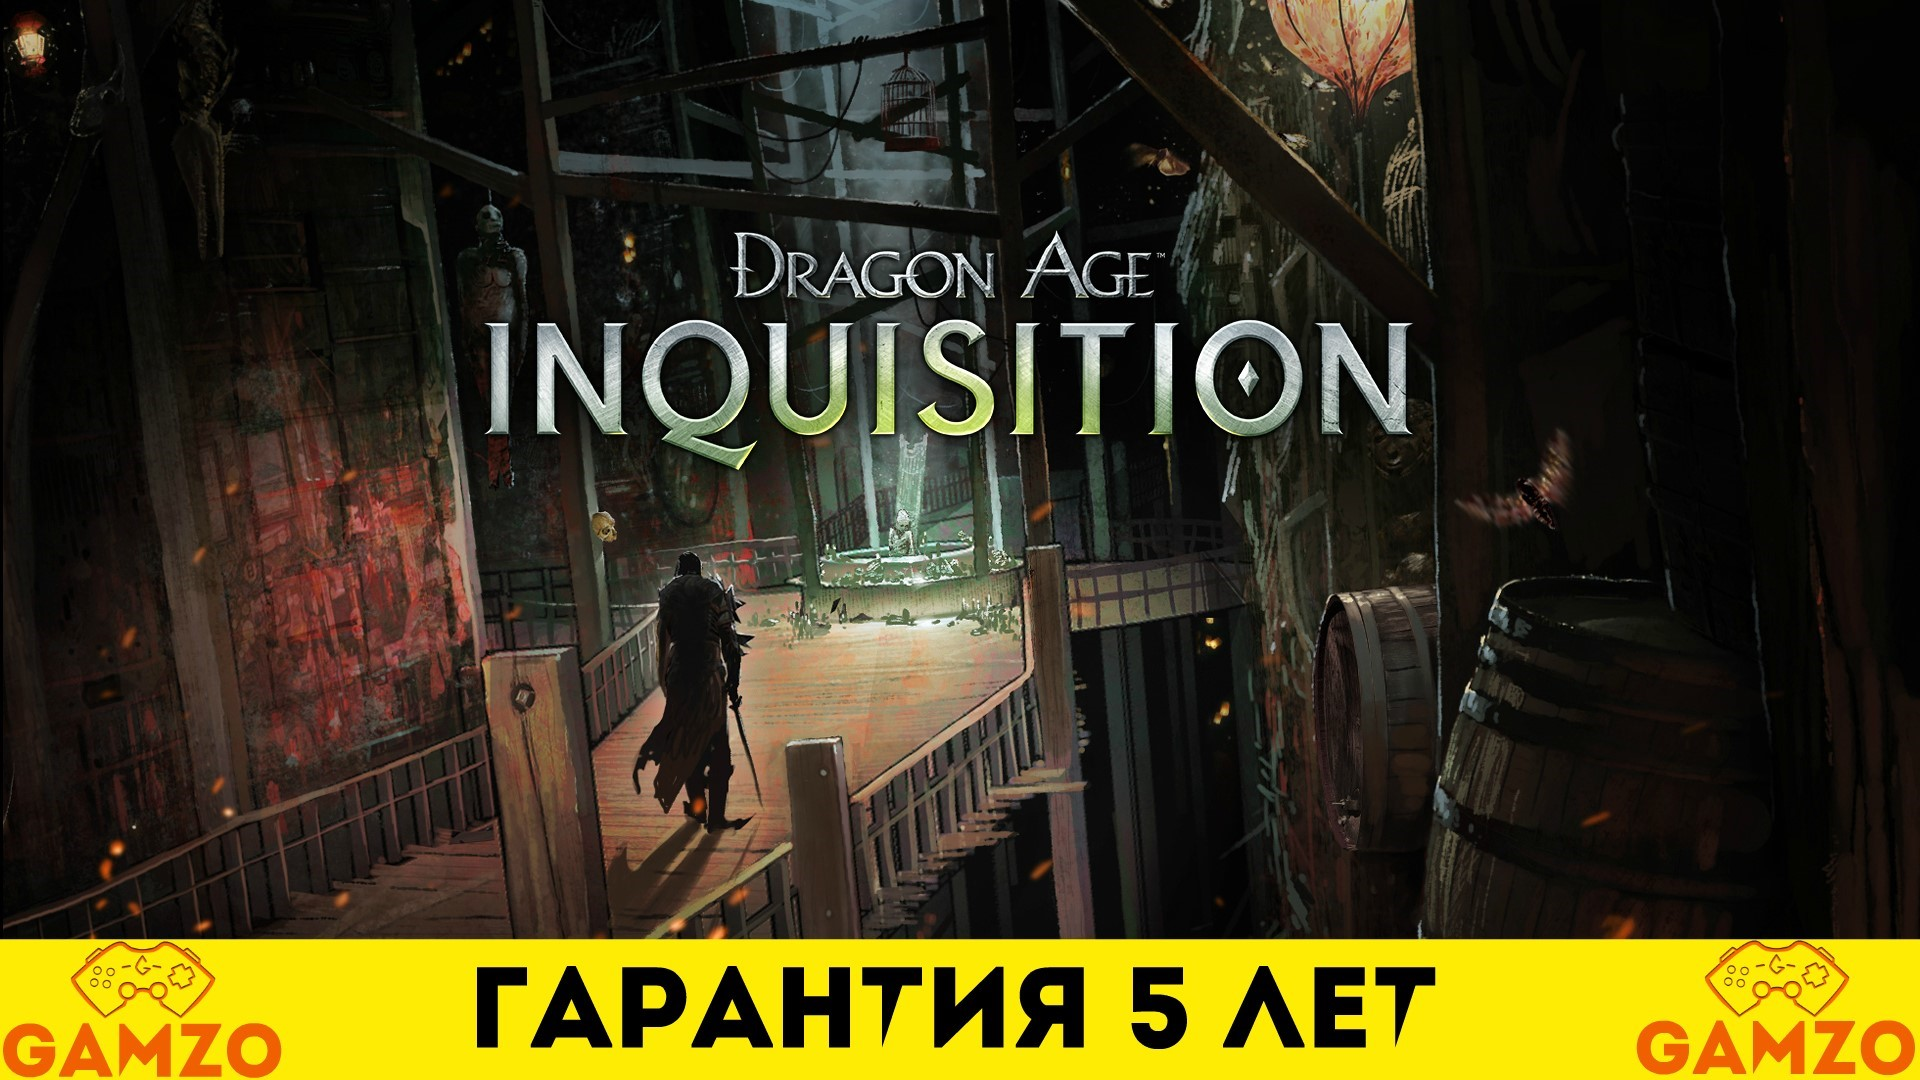 Dragon Age™ Inquisition   Гарантия 5 лет   + Подарок